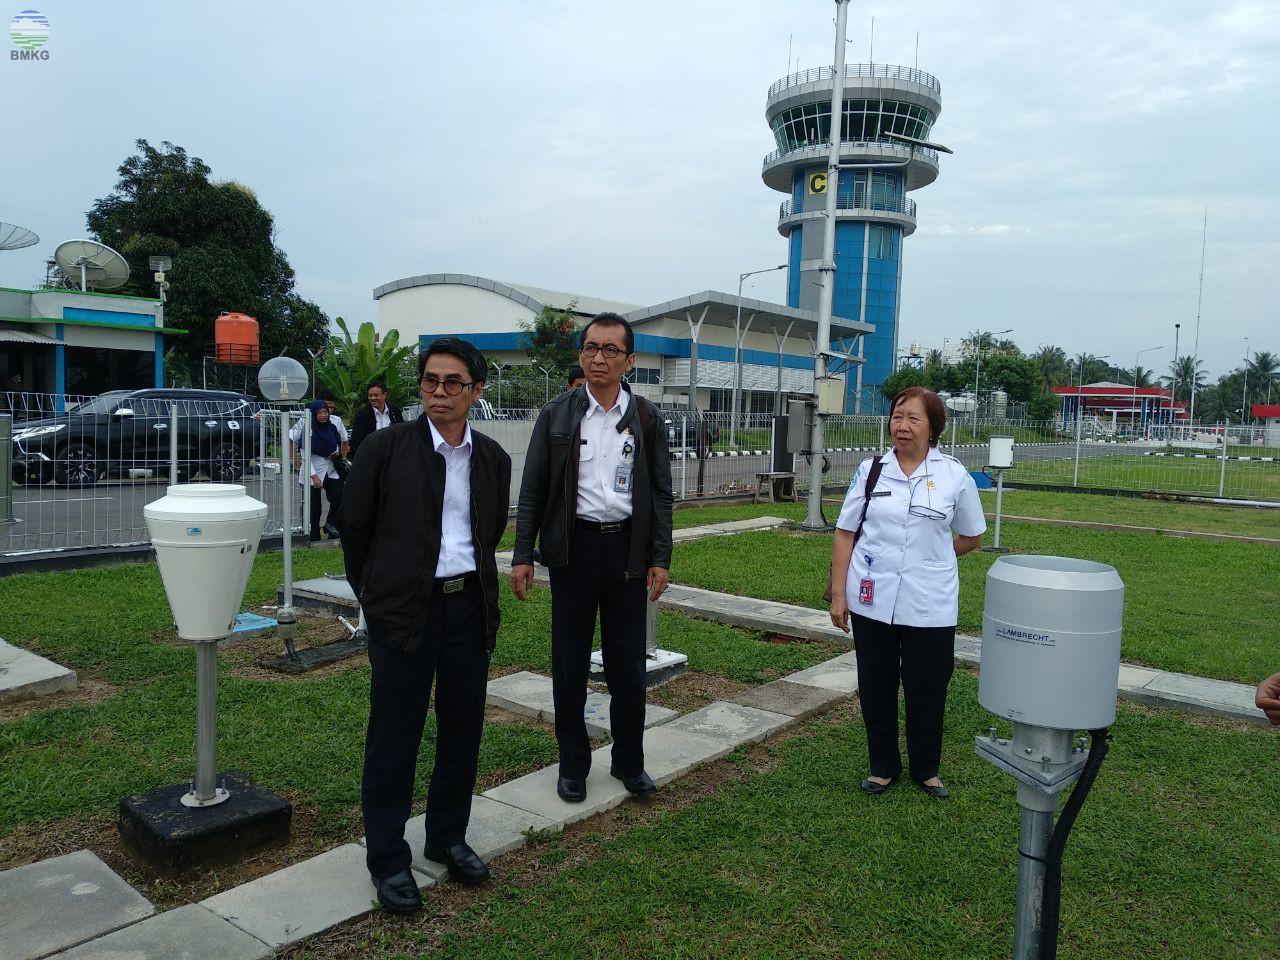 Kunjungan Kerja Sekretaris Utama BMKG ke Stasiun Meteorologi Depati Parbo Kerinci